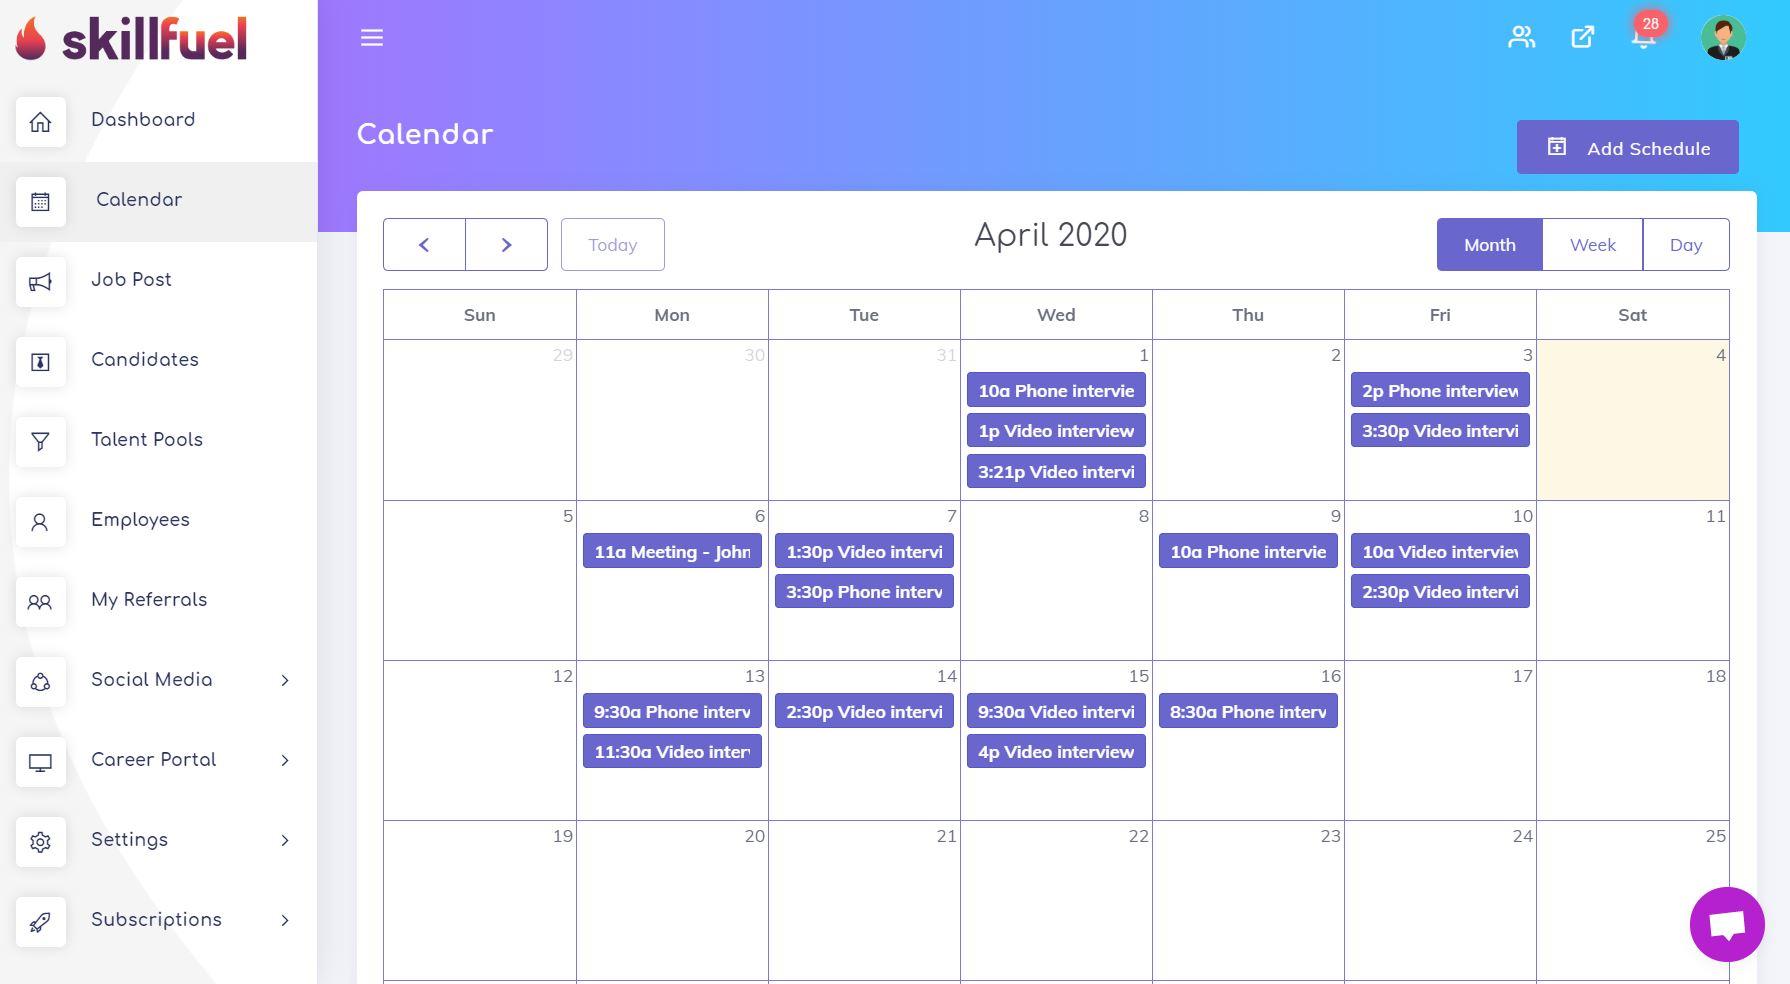 skillfuel-calendar